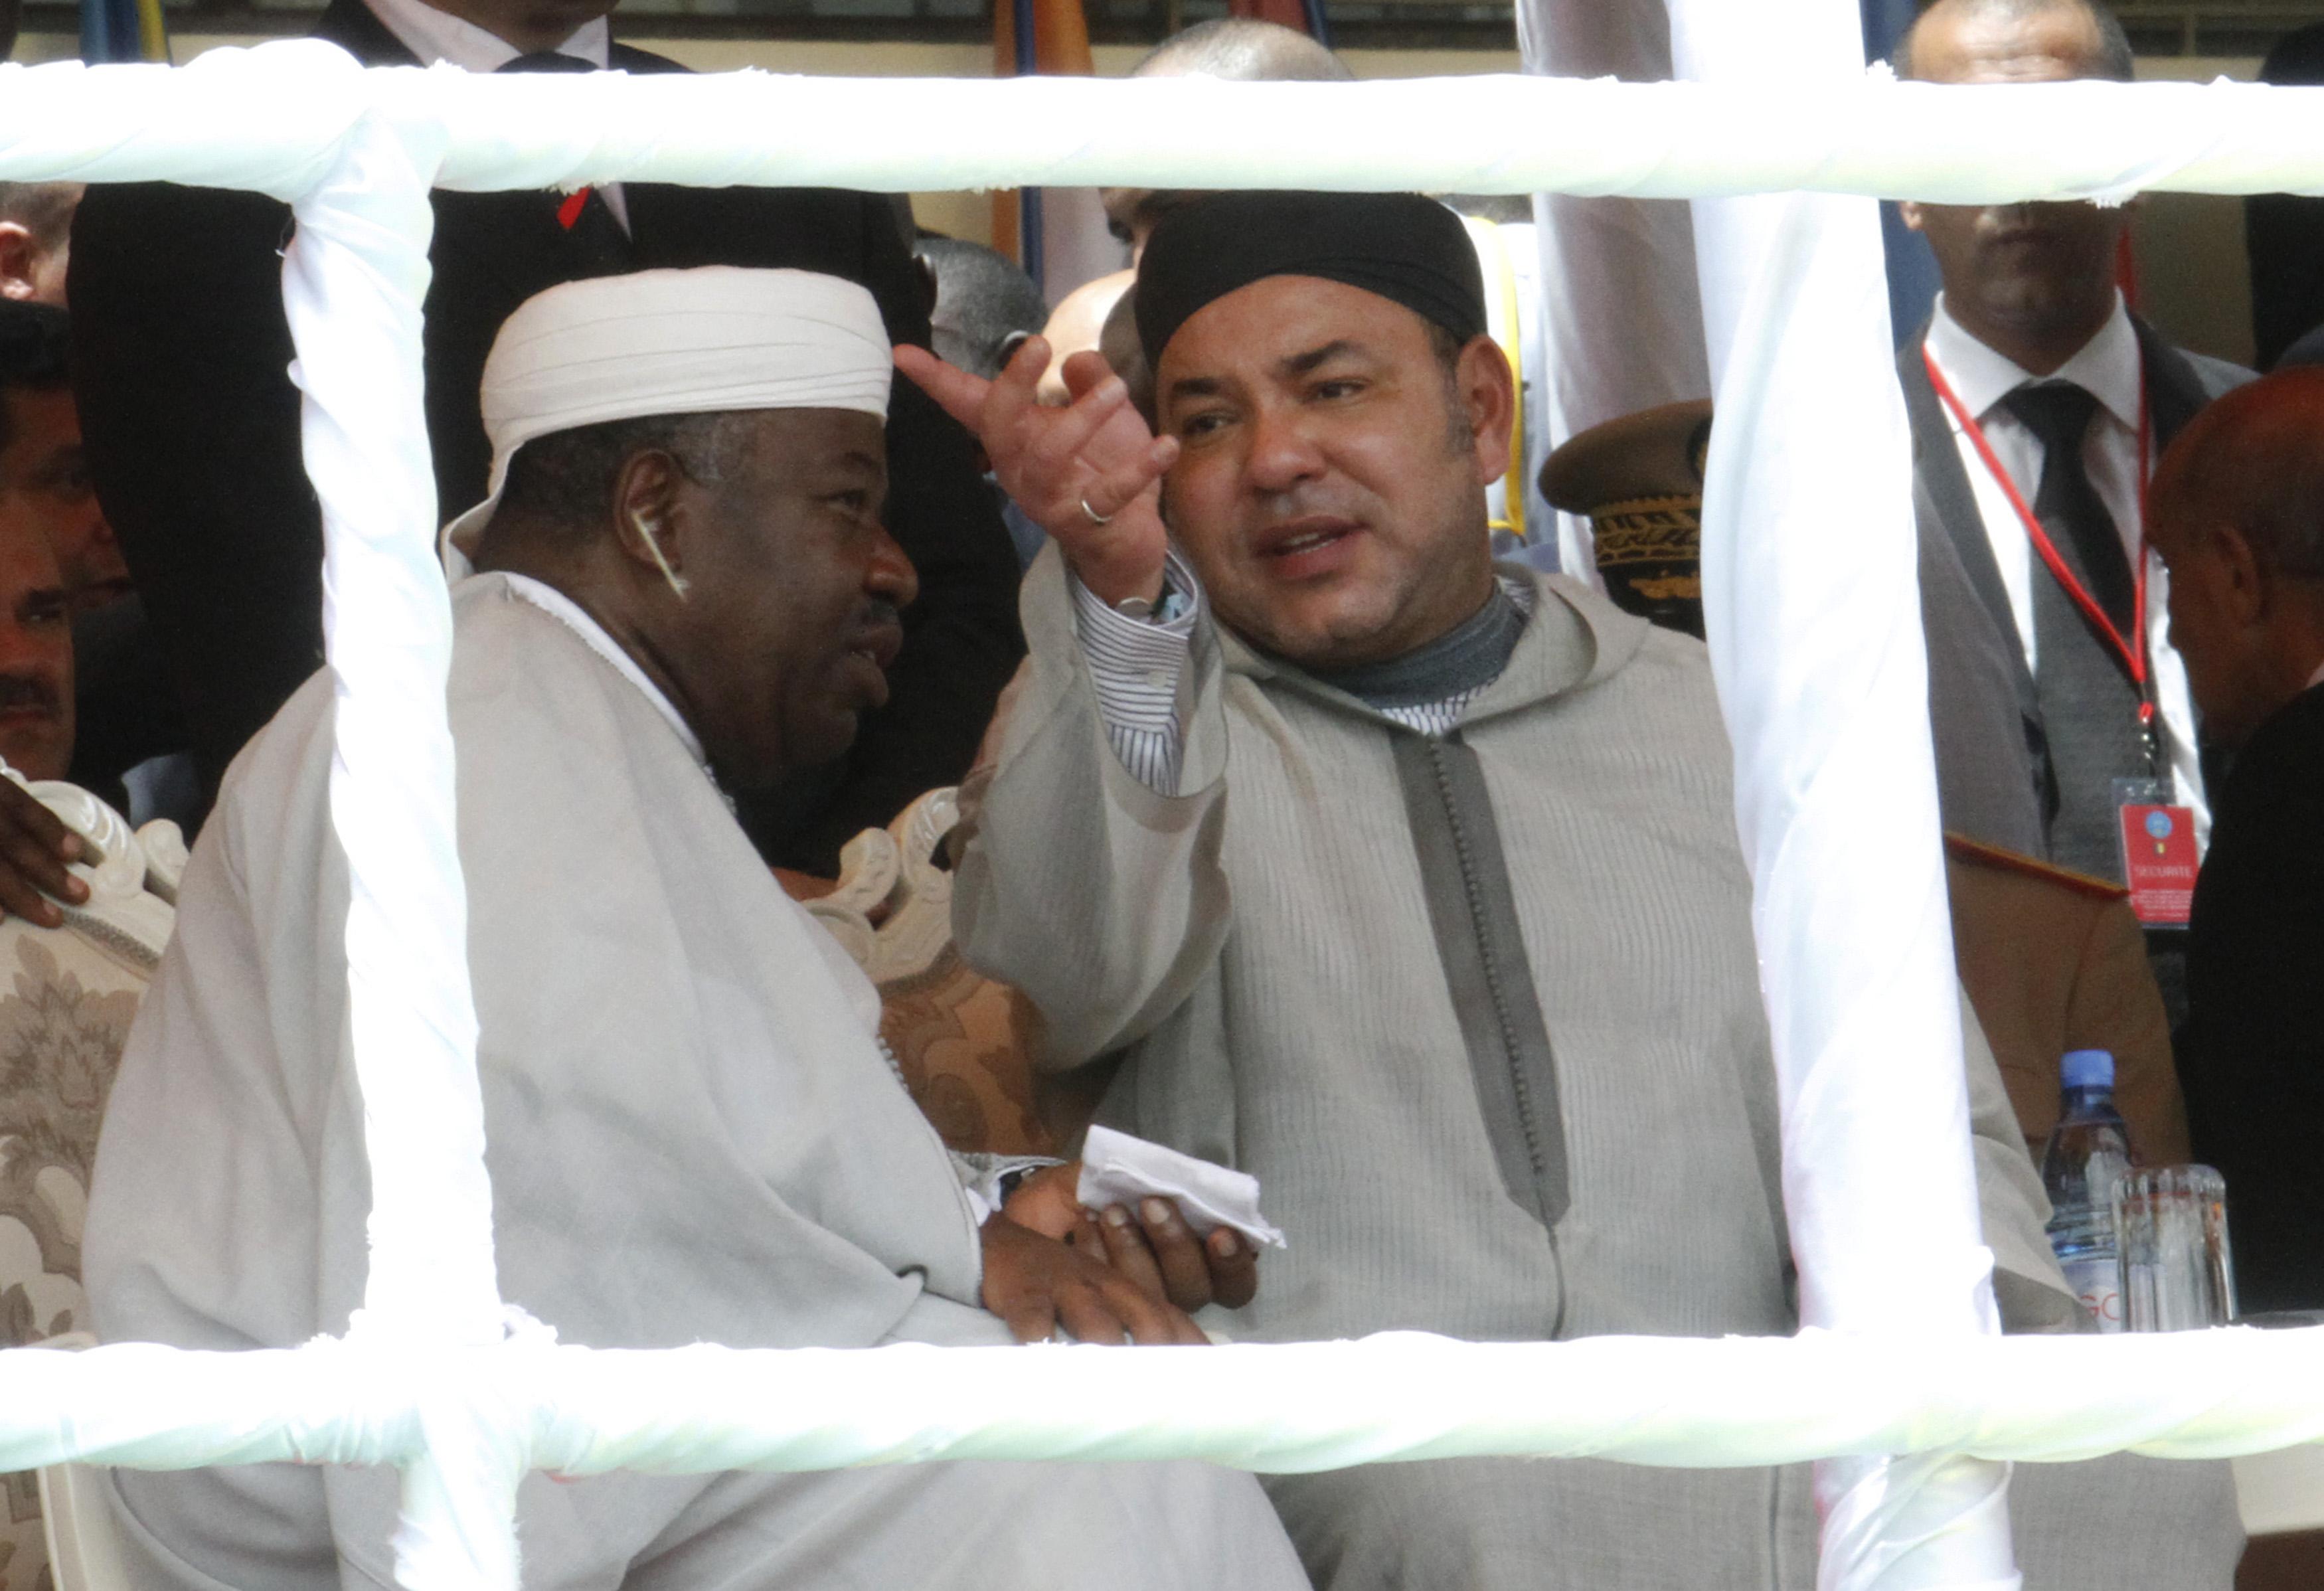 Ali Bongo Ondimba et Mohammed VI, lors de l'investiture d'Ibrahim Boubacar Keïta au Mali, en 2013.